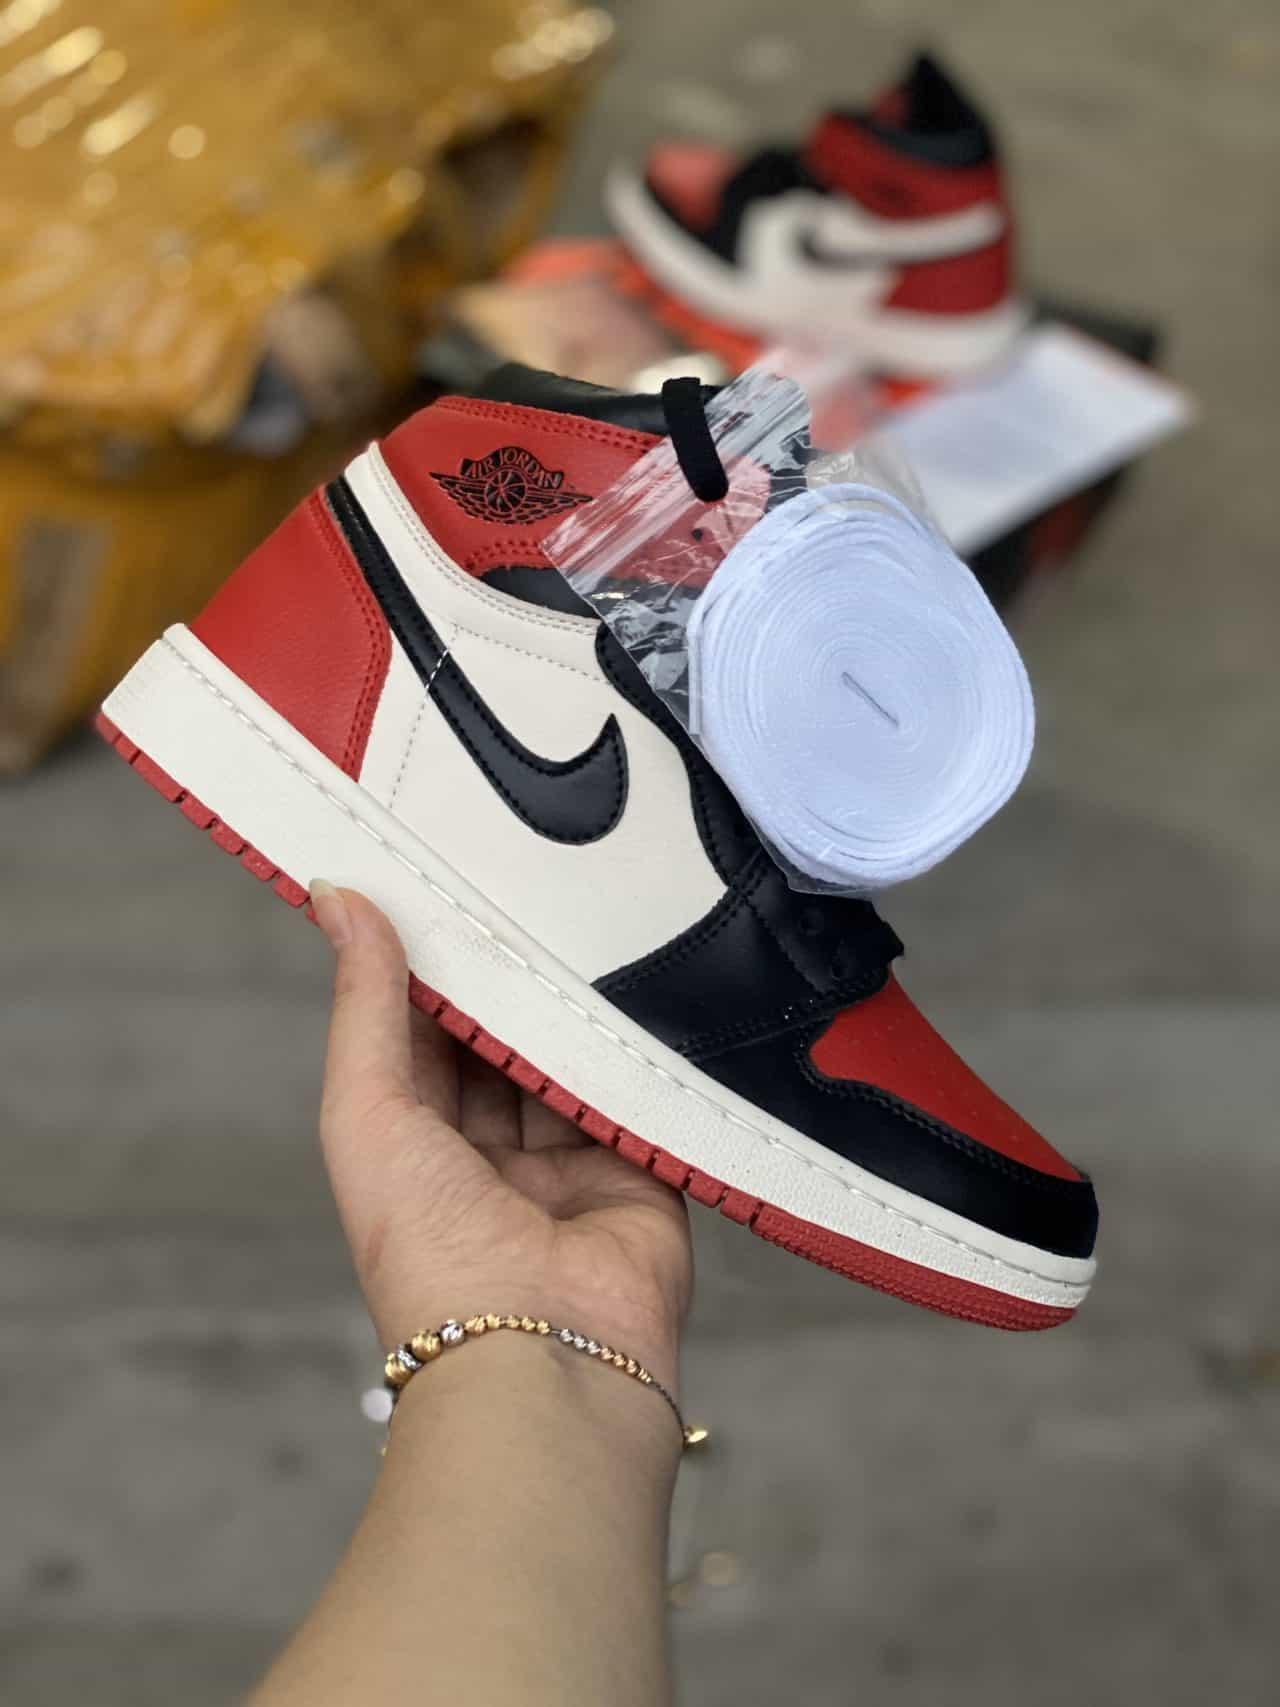 Giày Jordan 1 High Chicago rep 1:1 có sức hút đối với giới trẻ